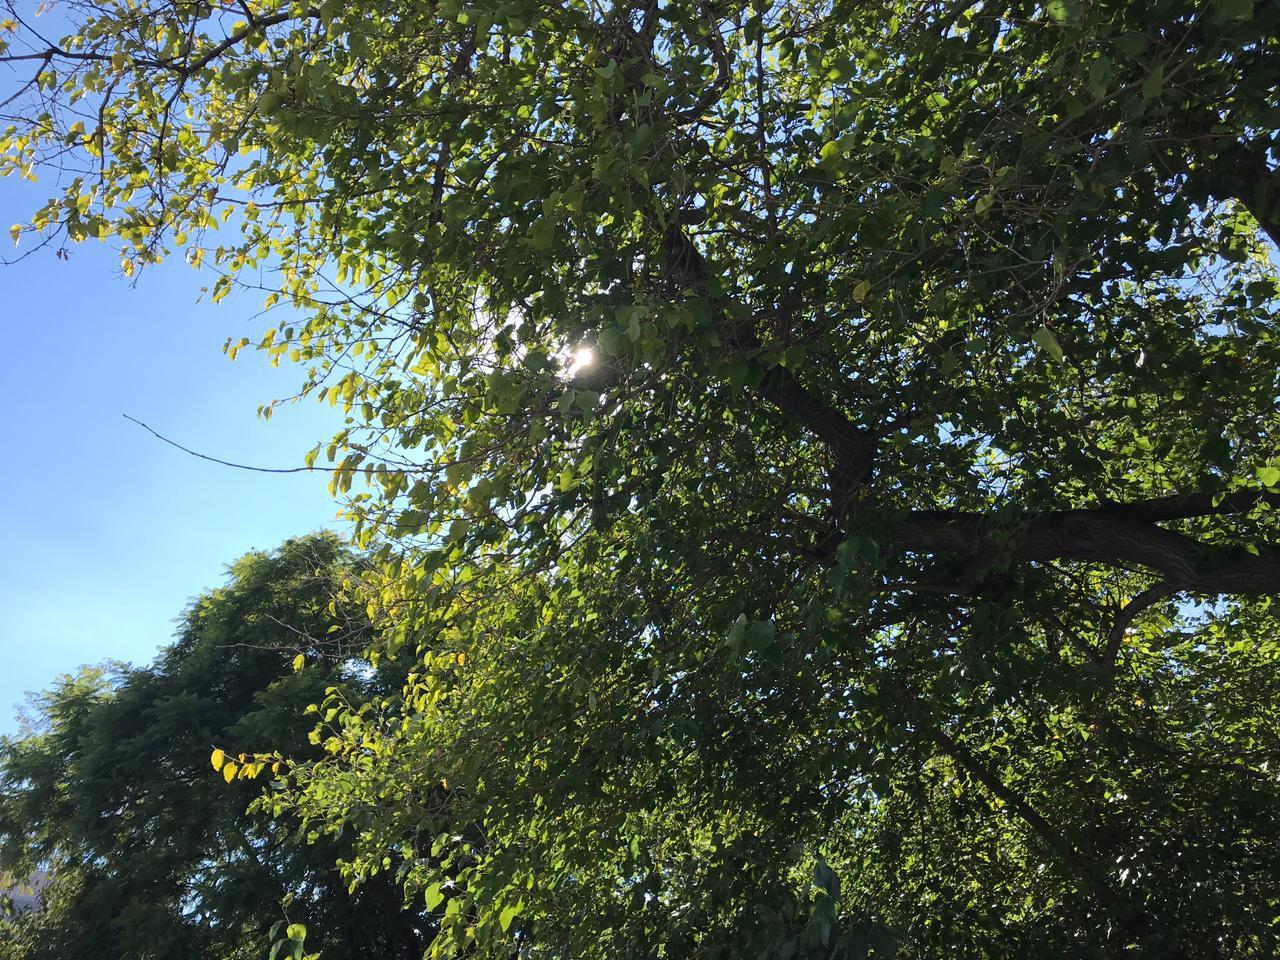 cielo despejado y soleado